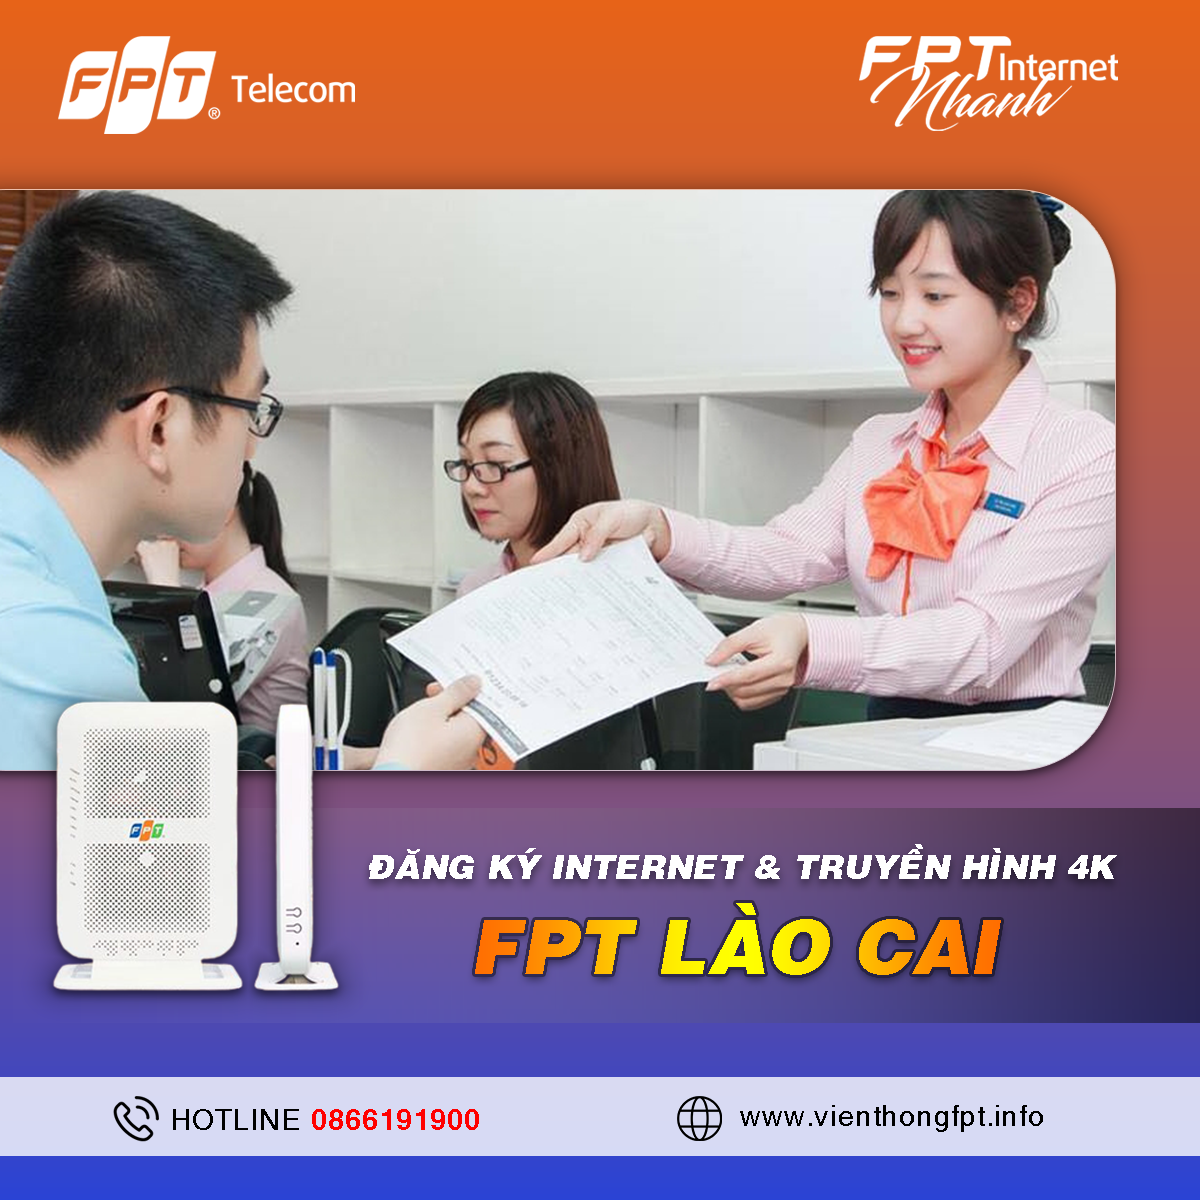 Đơn vị Đăng ký Internet FPT tại Lào Cai